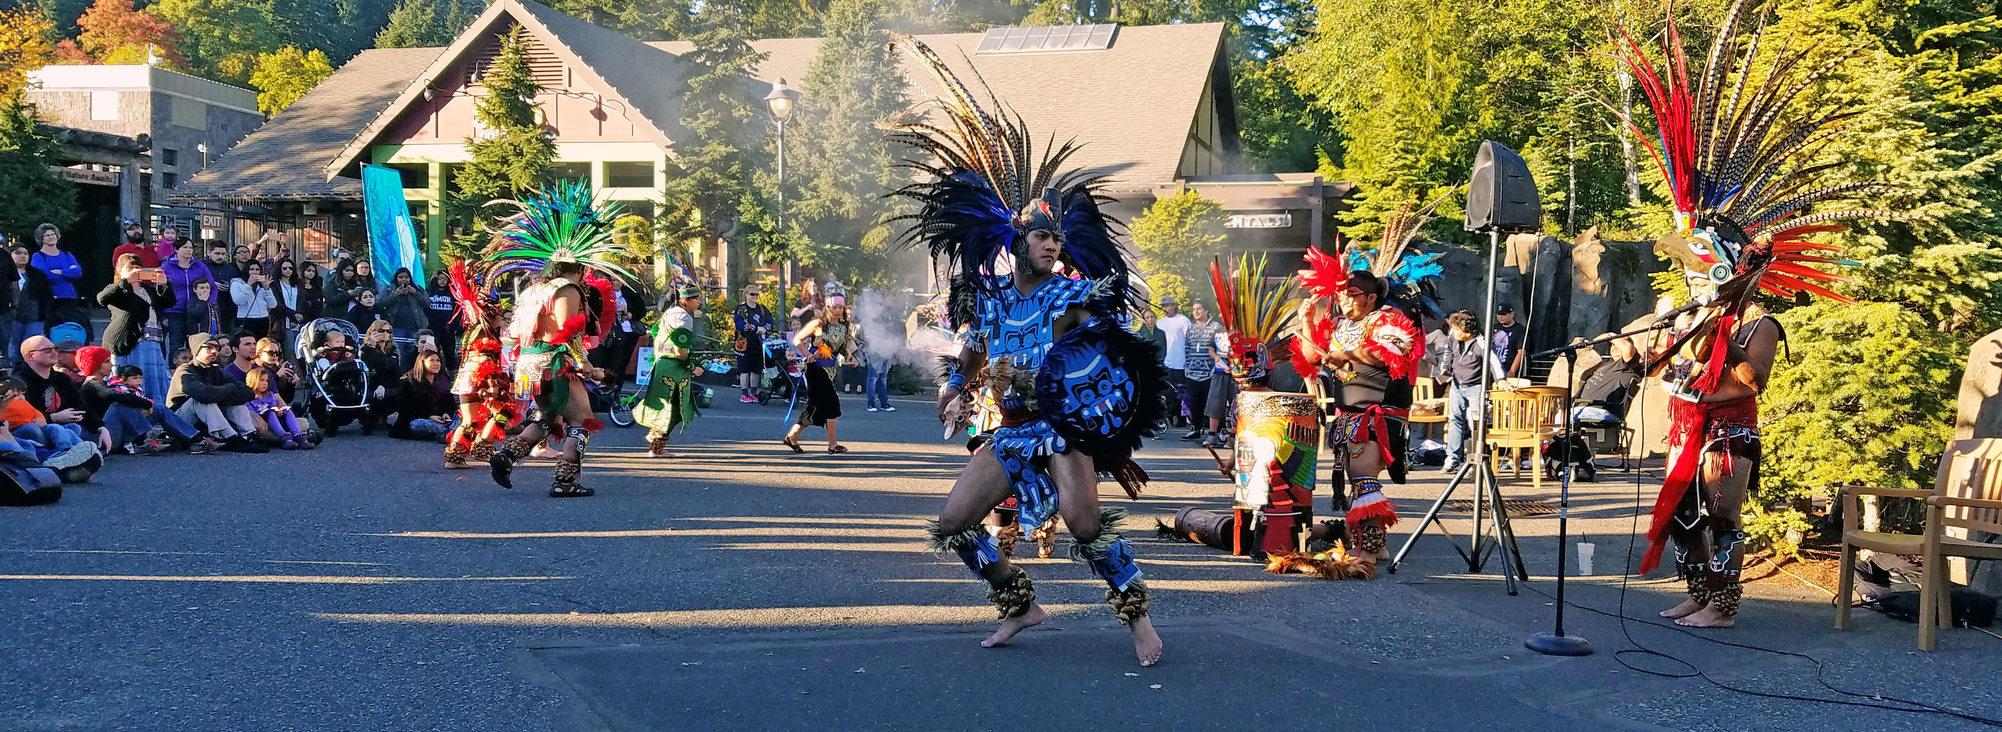 Mexica Tiahui Aztec Dance Group 2